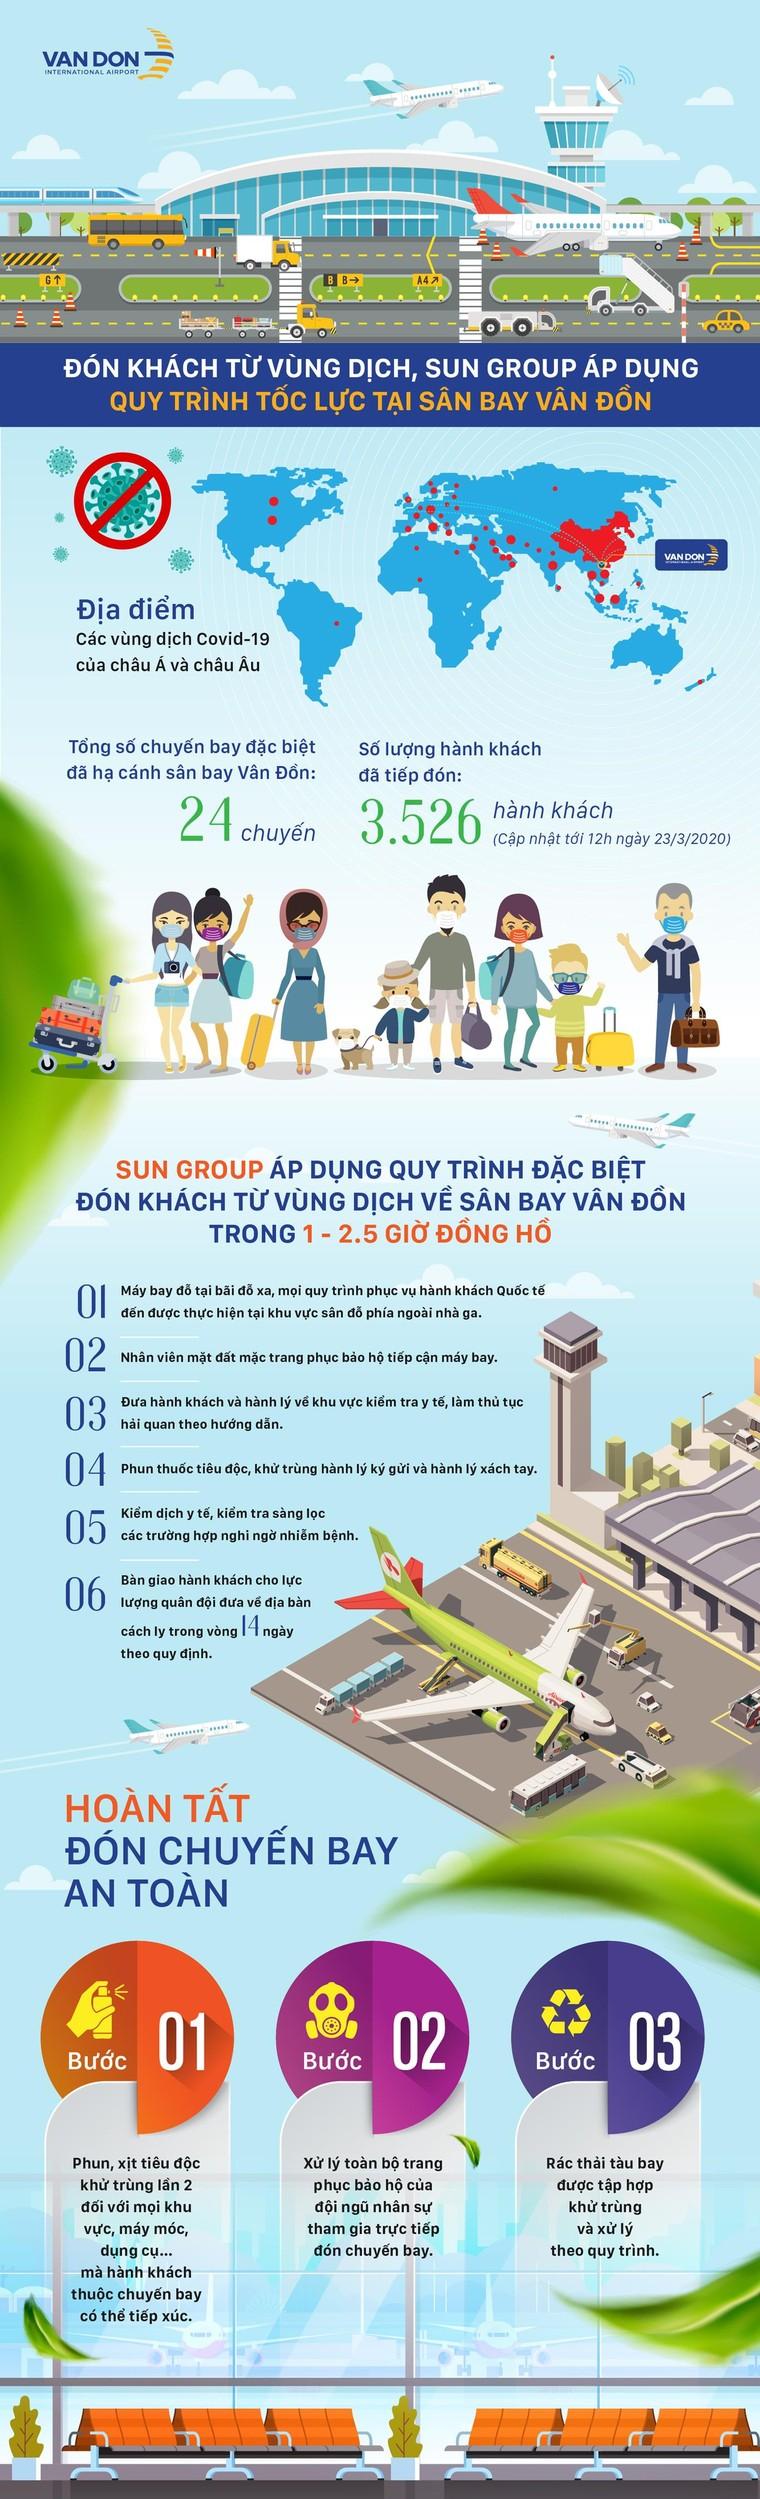 Sân bay Vân Đồn đón thêm hơn 500 người Việt trở về từ vùng dịch theo quy trình đặc biệt ảnh 5